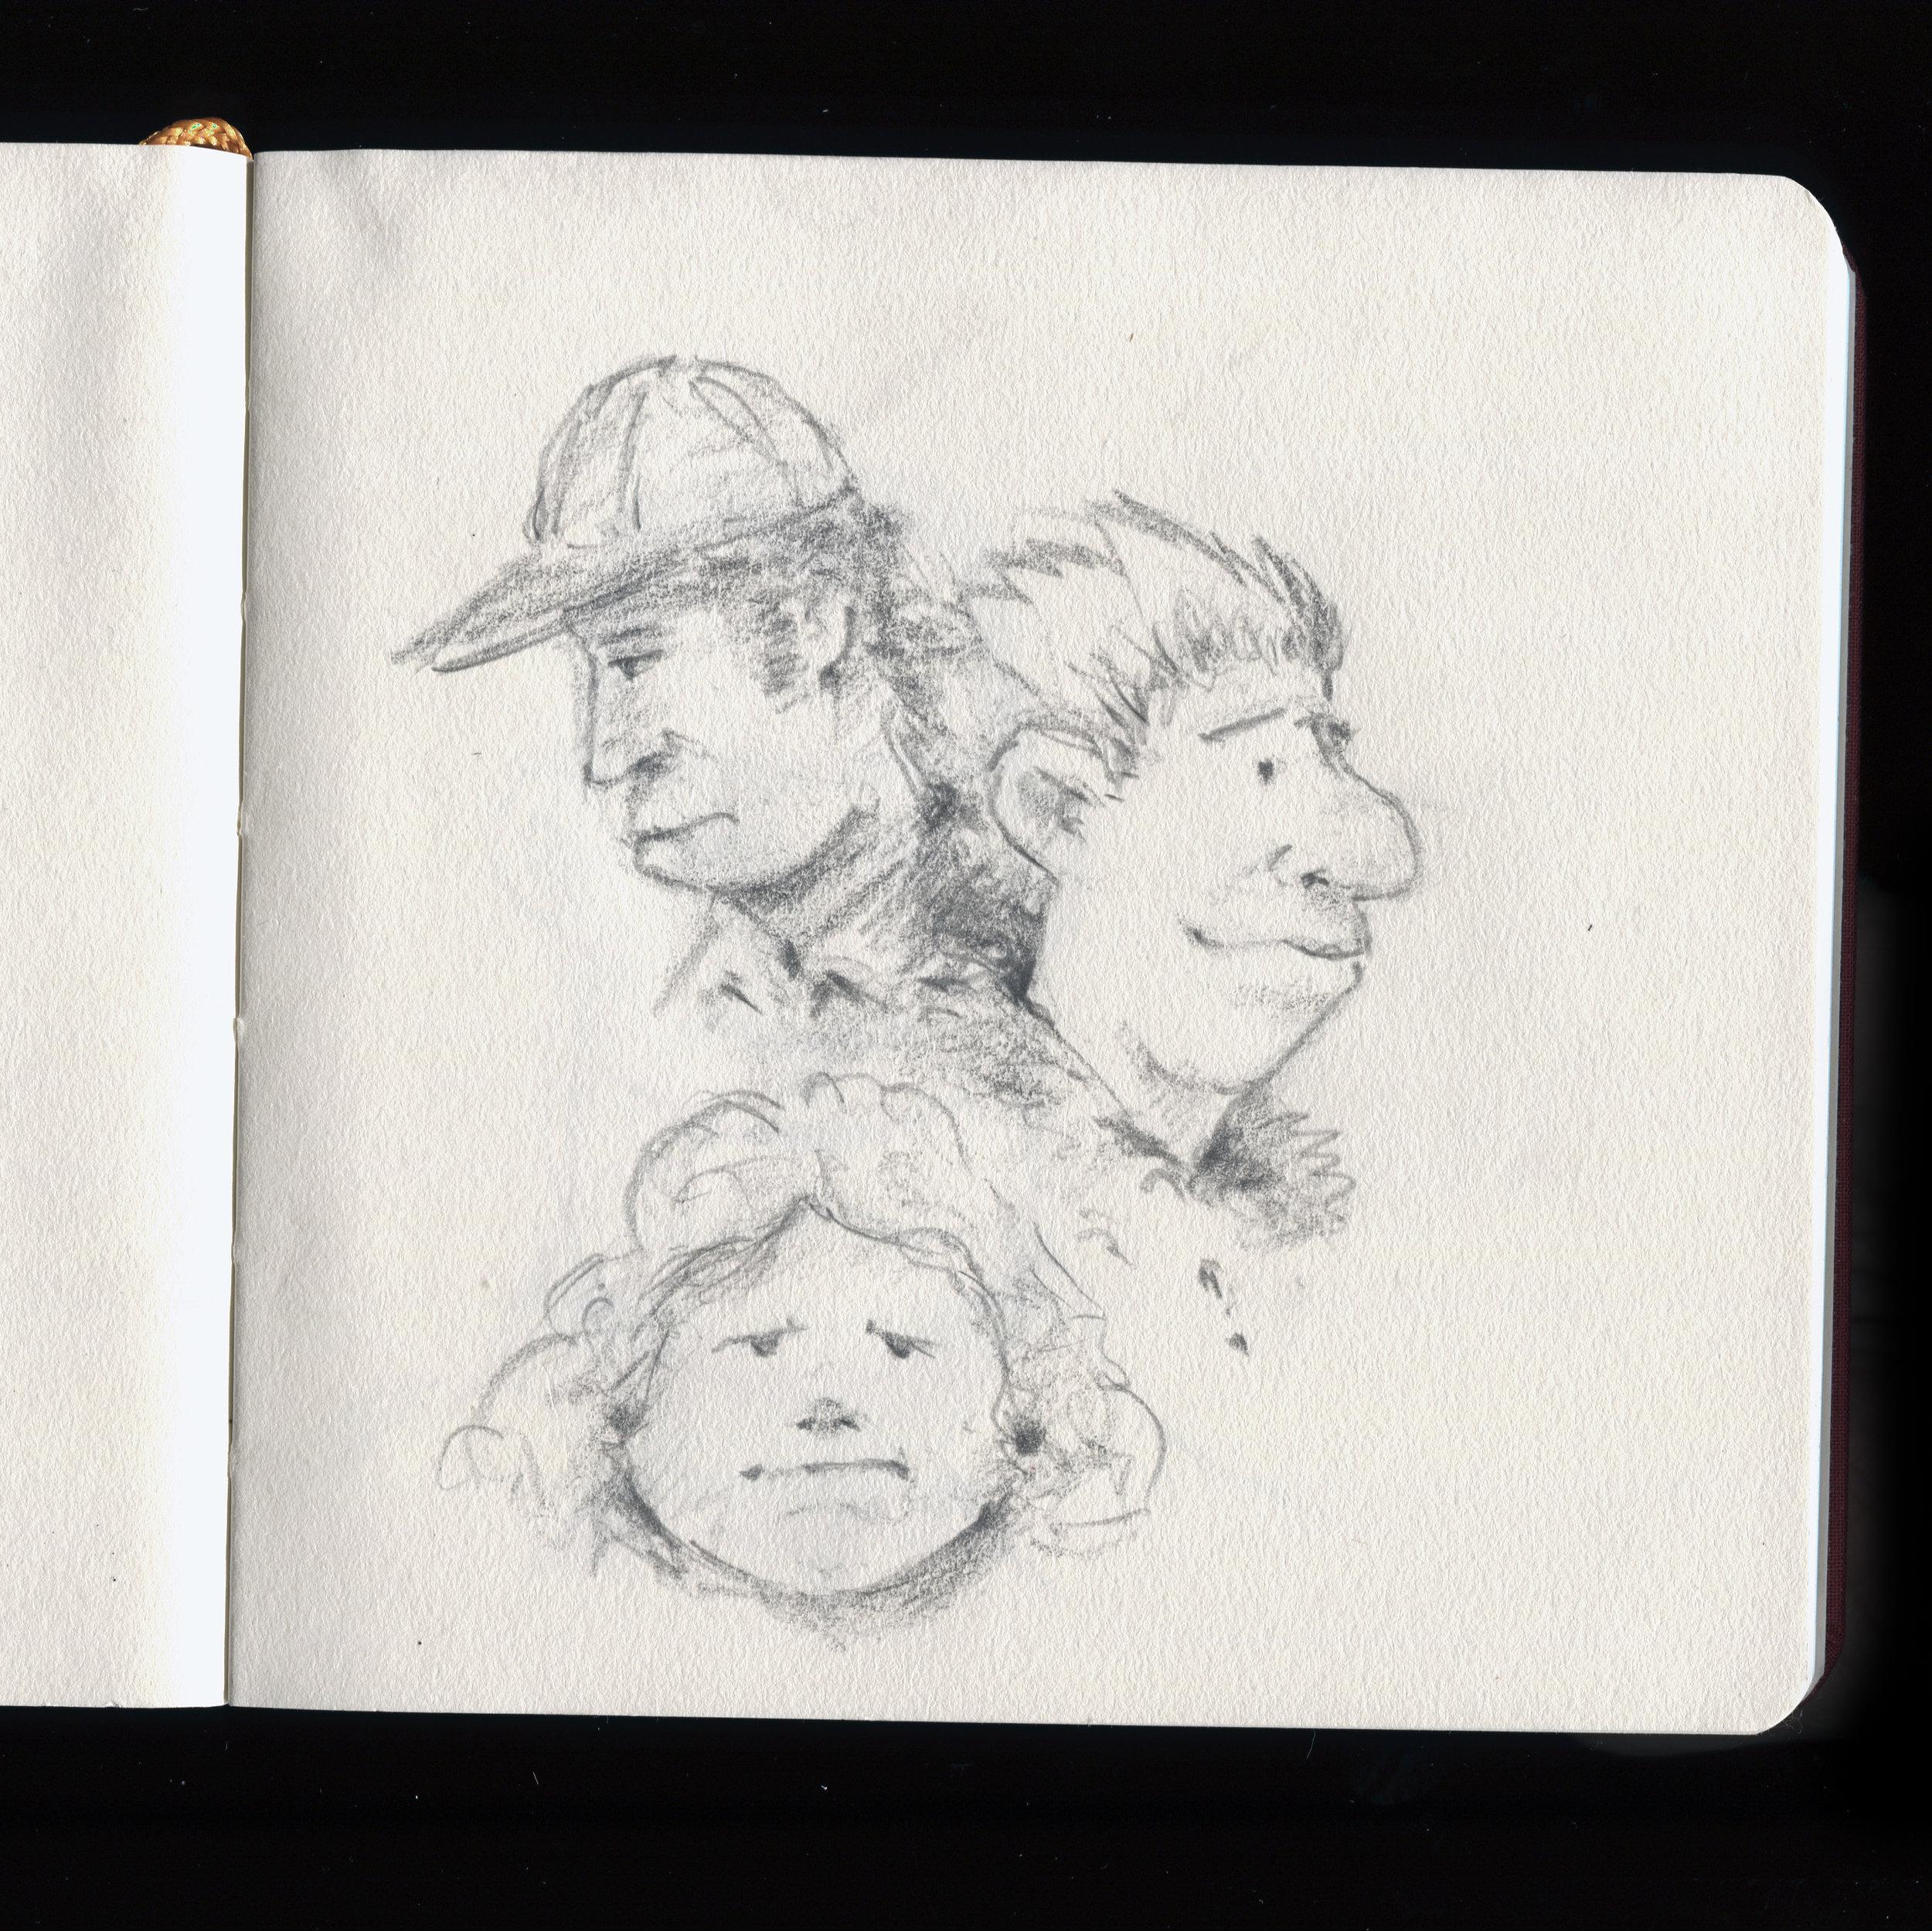 Sketchbook-160418.jpg